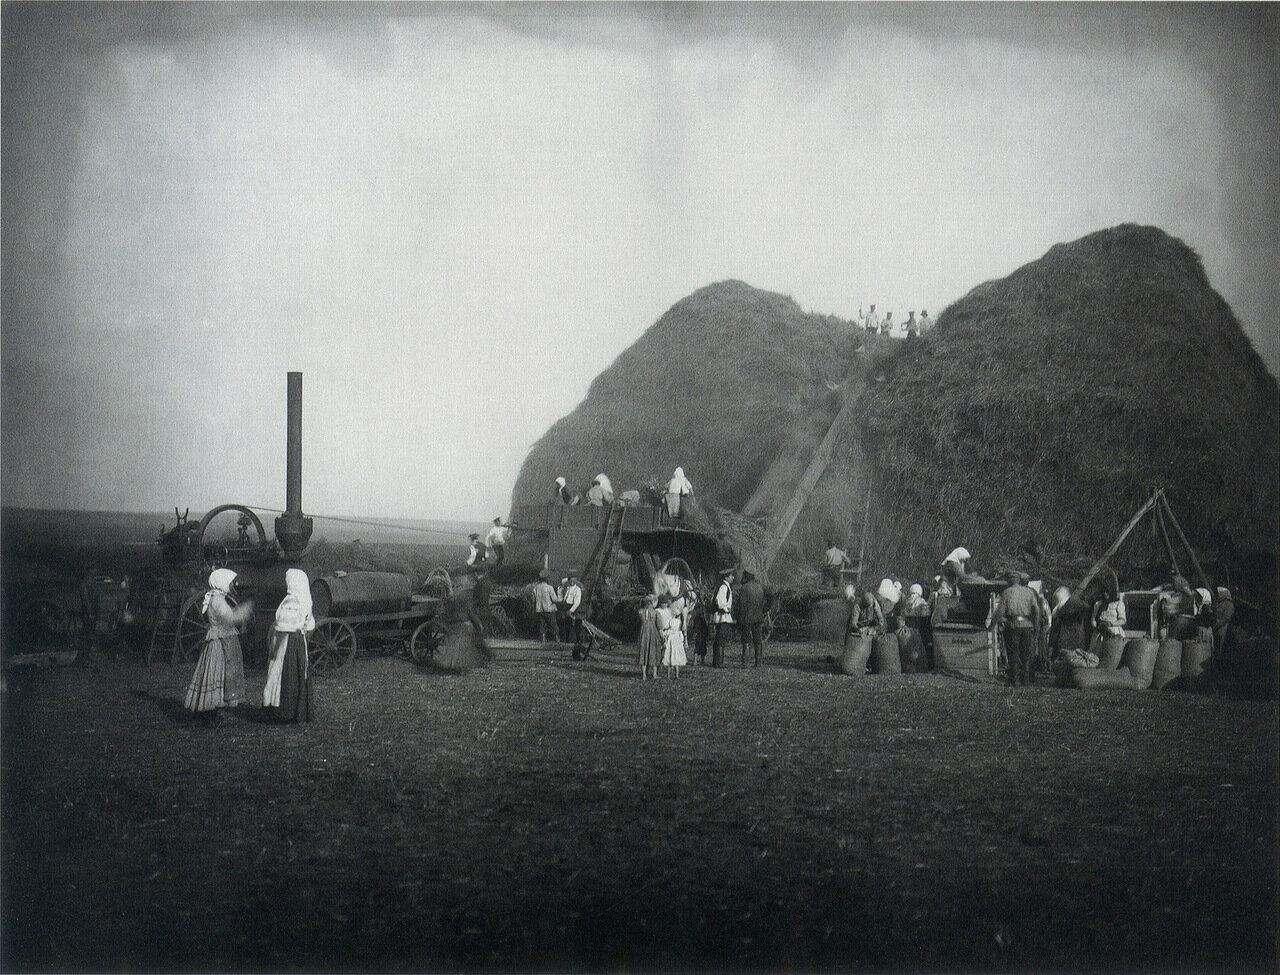 Молотьба в поле имения князя Ю. Кенига. 1910-е. Фото Я.В. Штейнберга